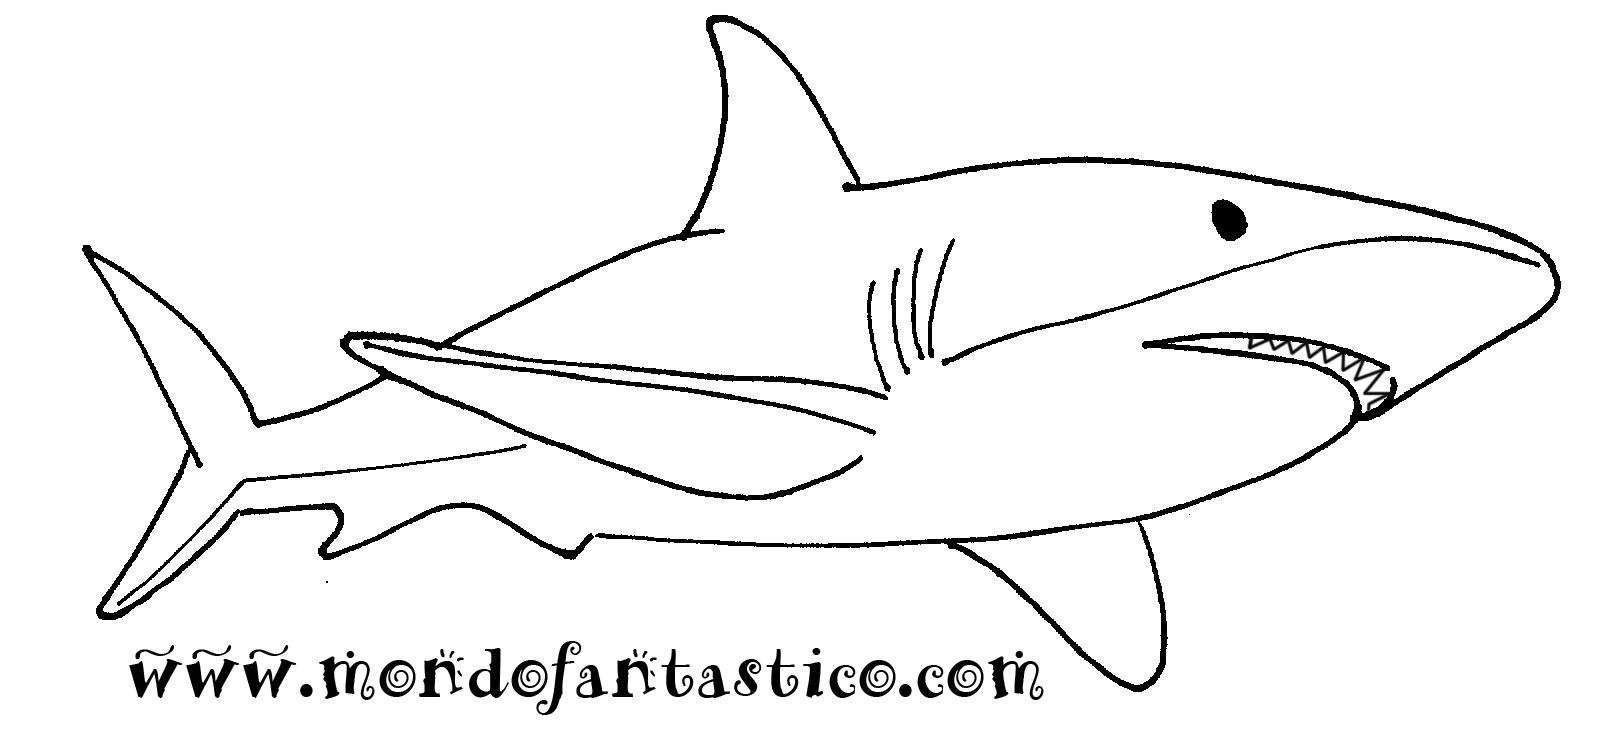 Stampa e colora lo squalo for Immagini squali da stampare